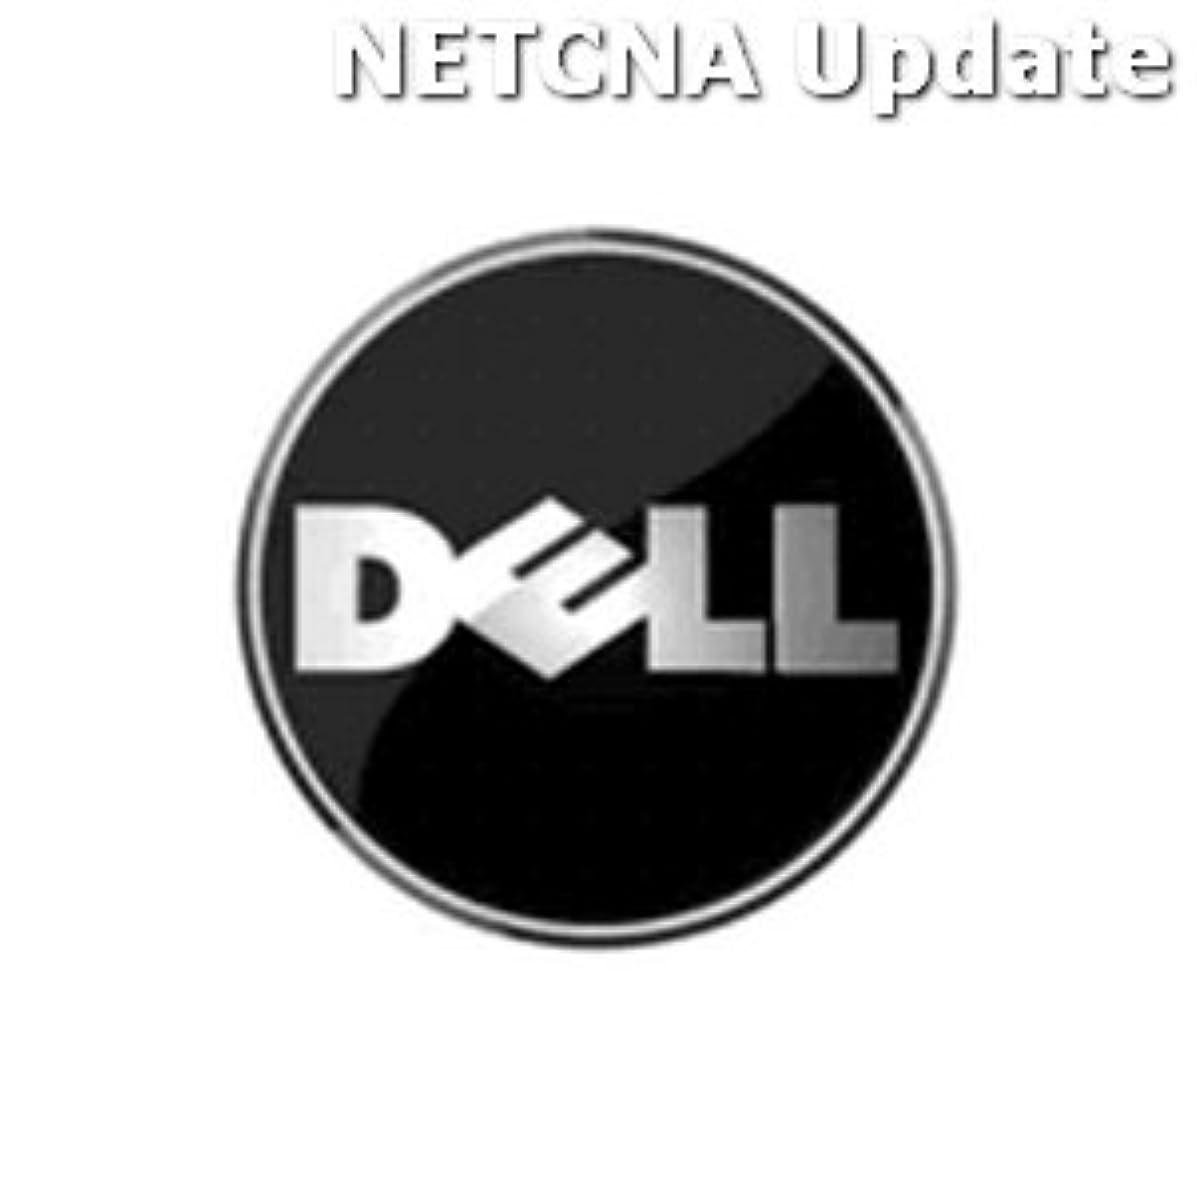 収入表面的なシャープXHMDTデルヒートシンクのPE r320互換製品by NETCNA